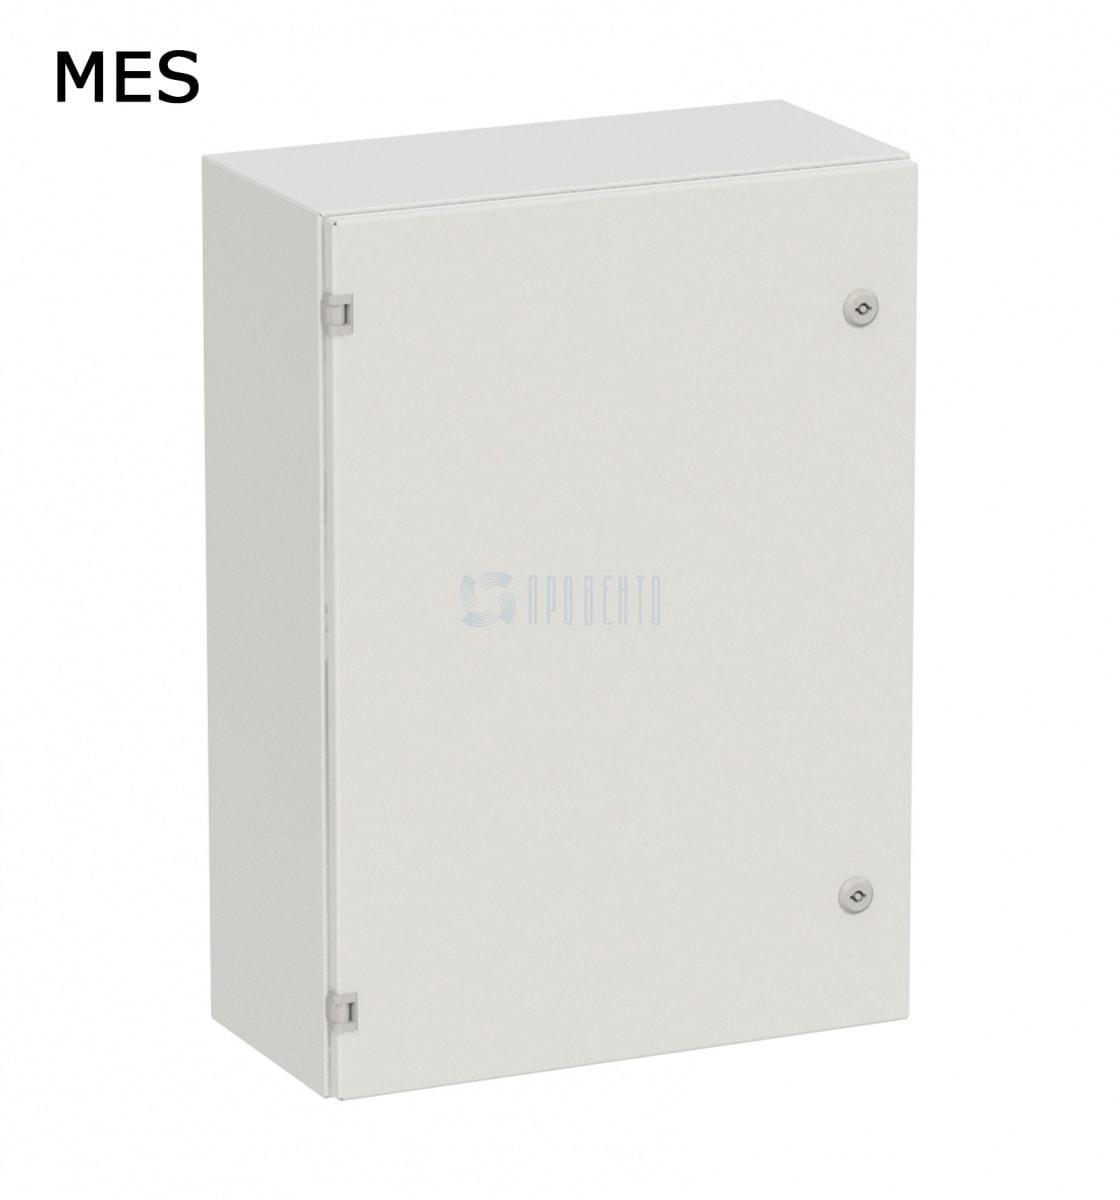 600х1000х300 мм Настенный шкаф в комплекте с монтажной панелью, IP 66